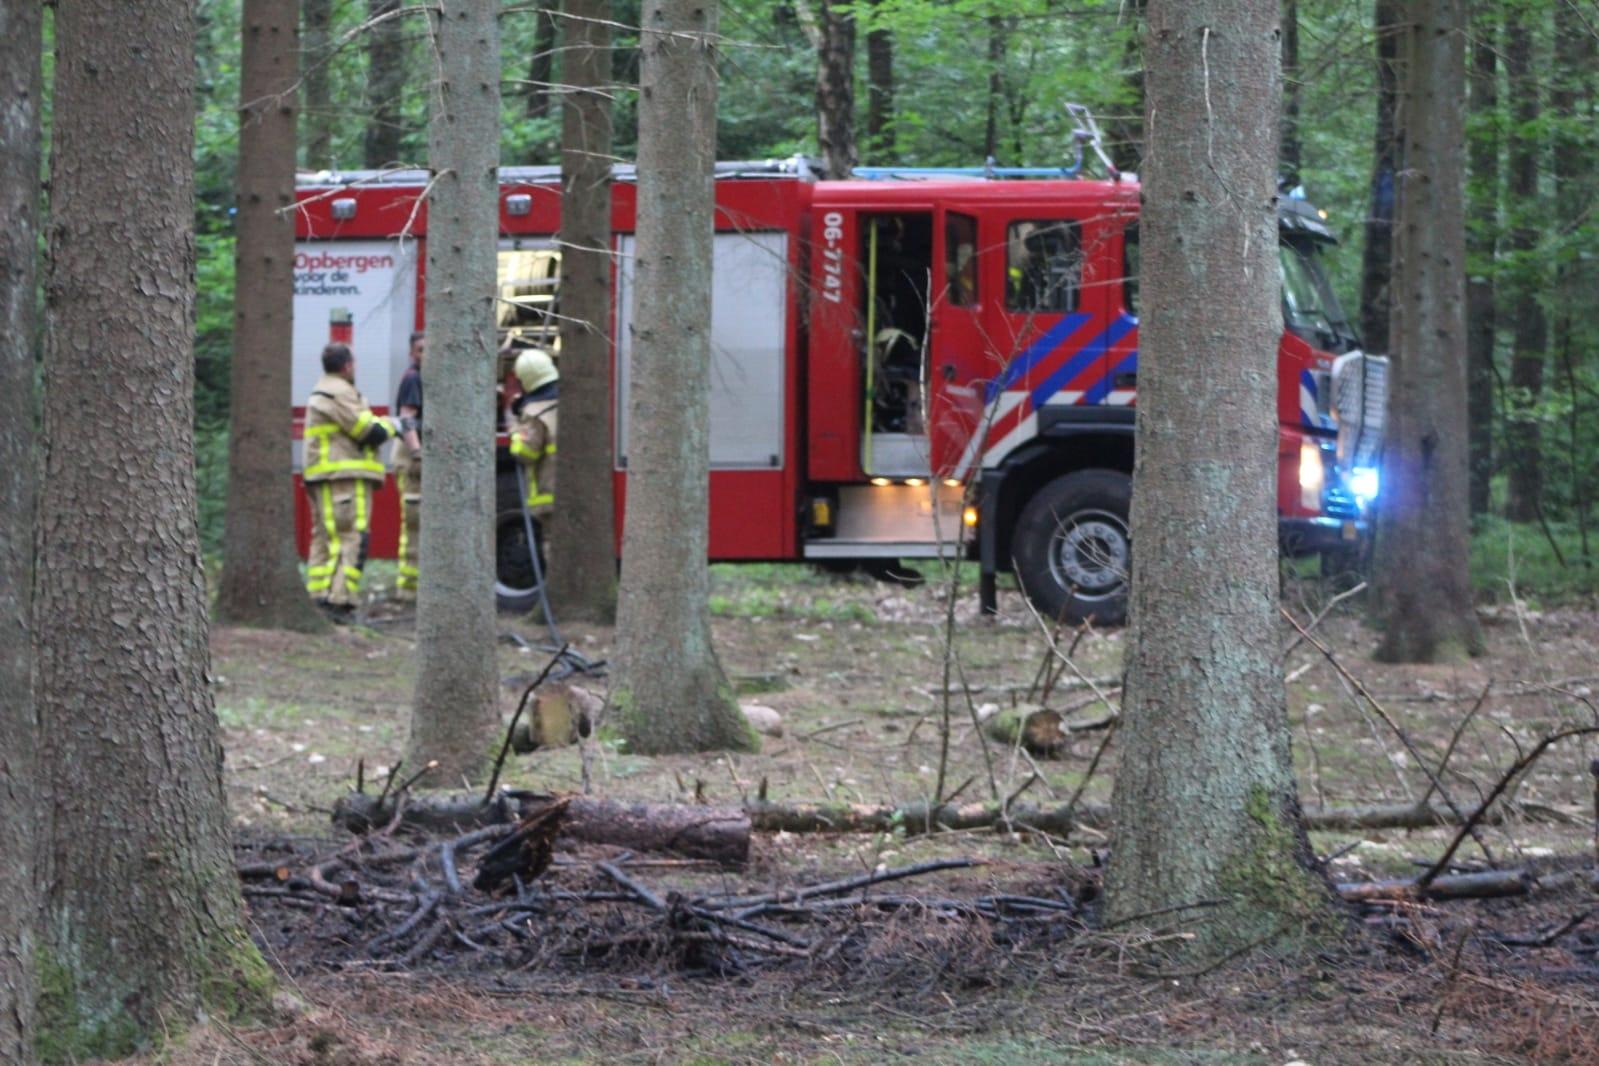 Beginnende bosbrand in Hoenderloo